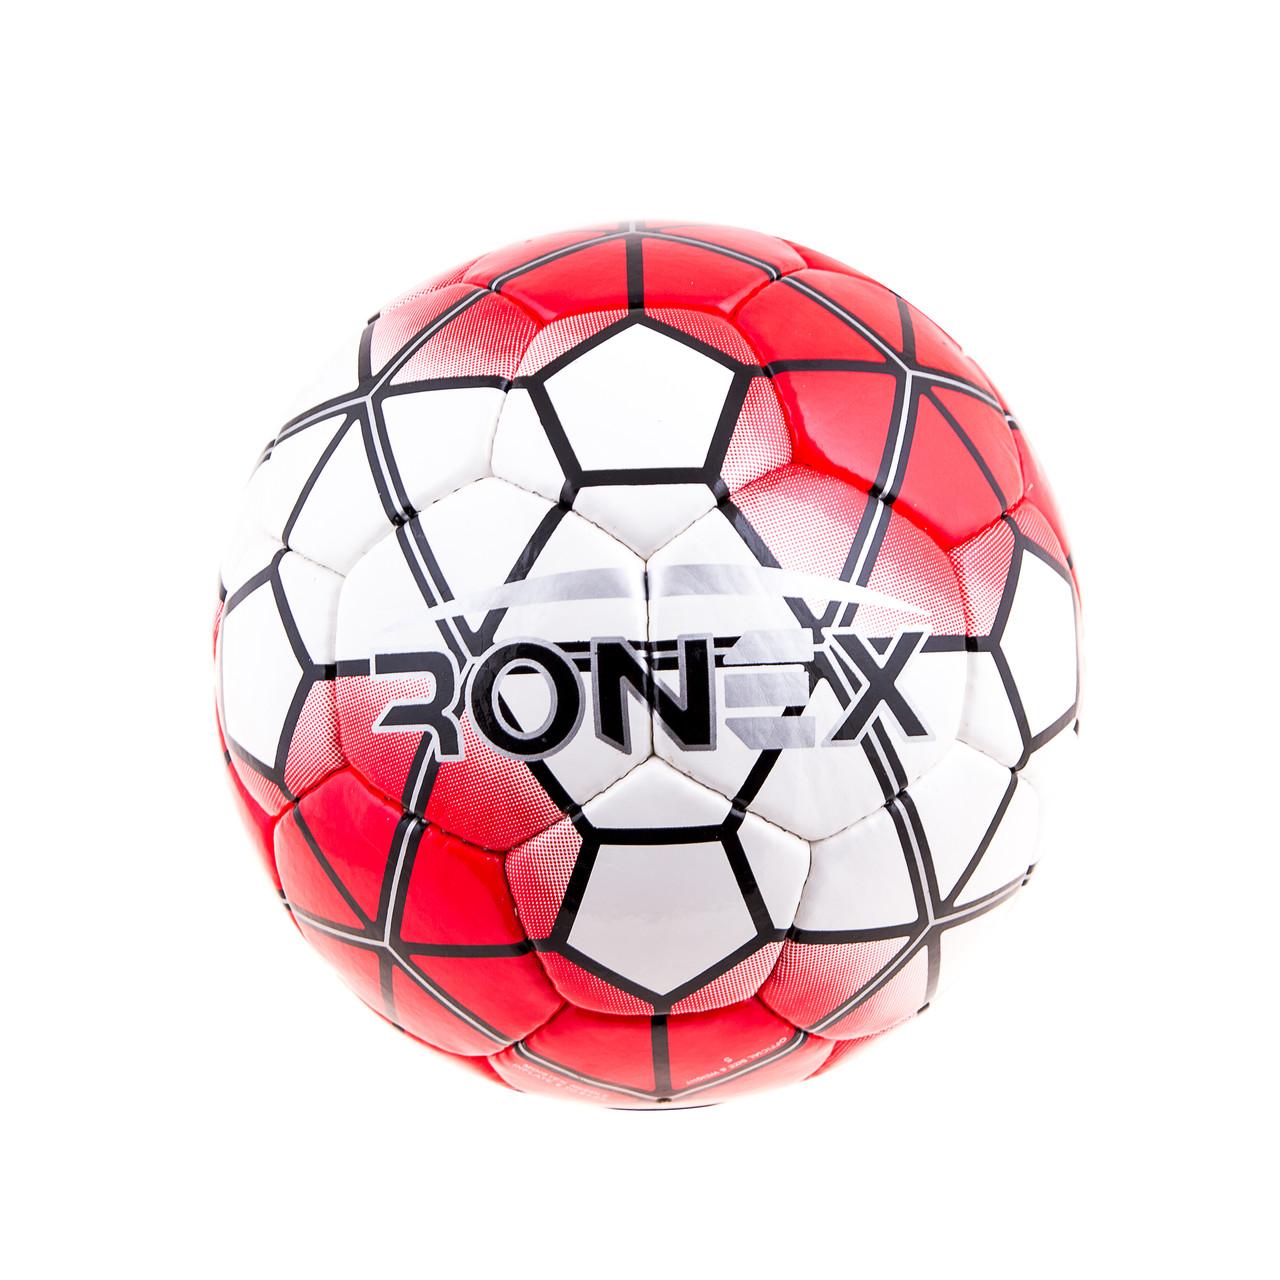 М'яч футбольний DXN Ronex(NK), Red/Silver